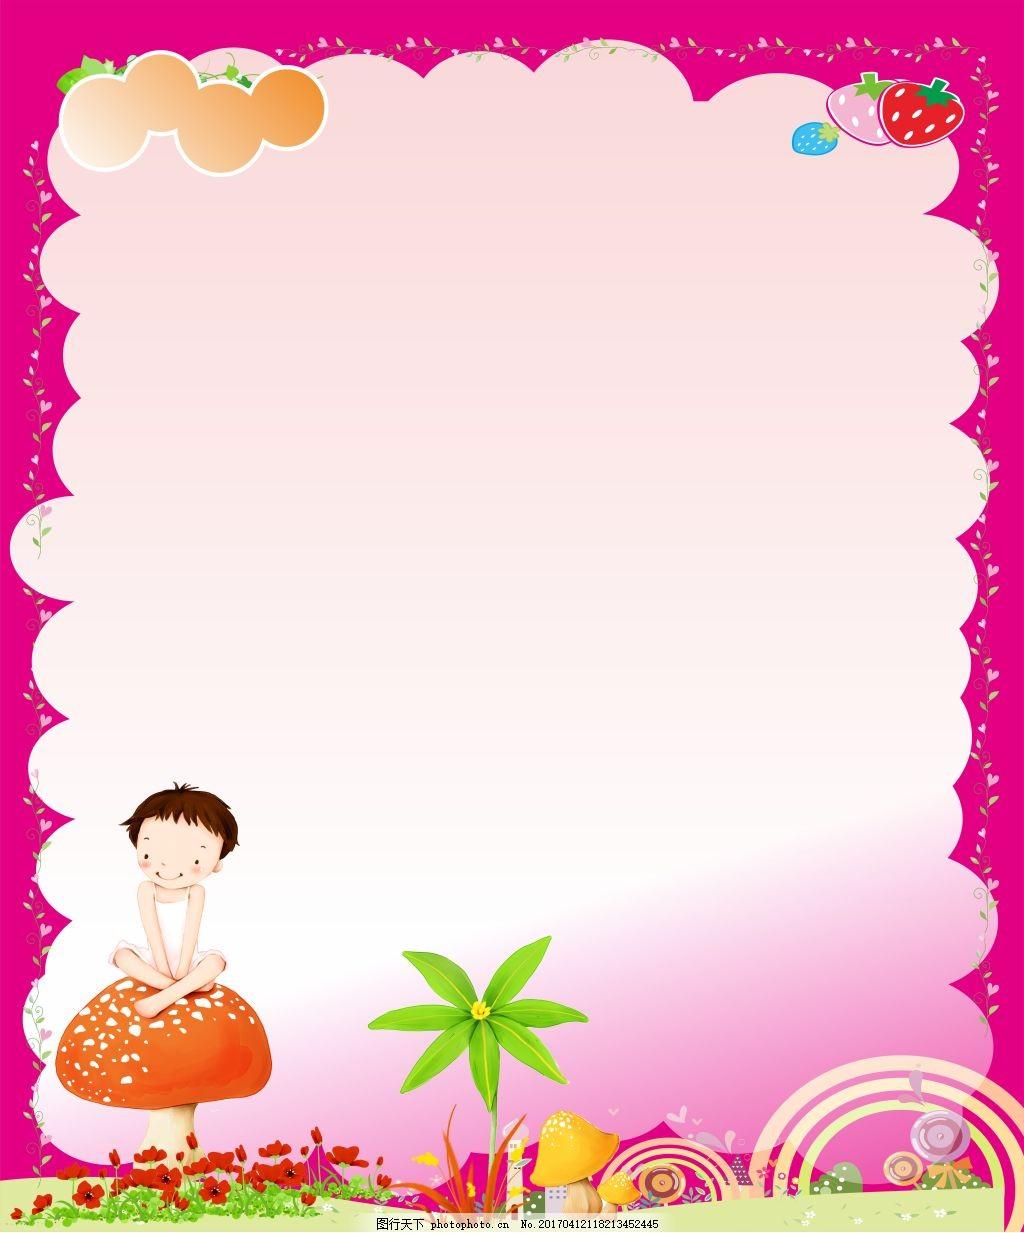 j幼儿园教师寄语边框展示图片